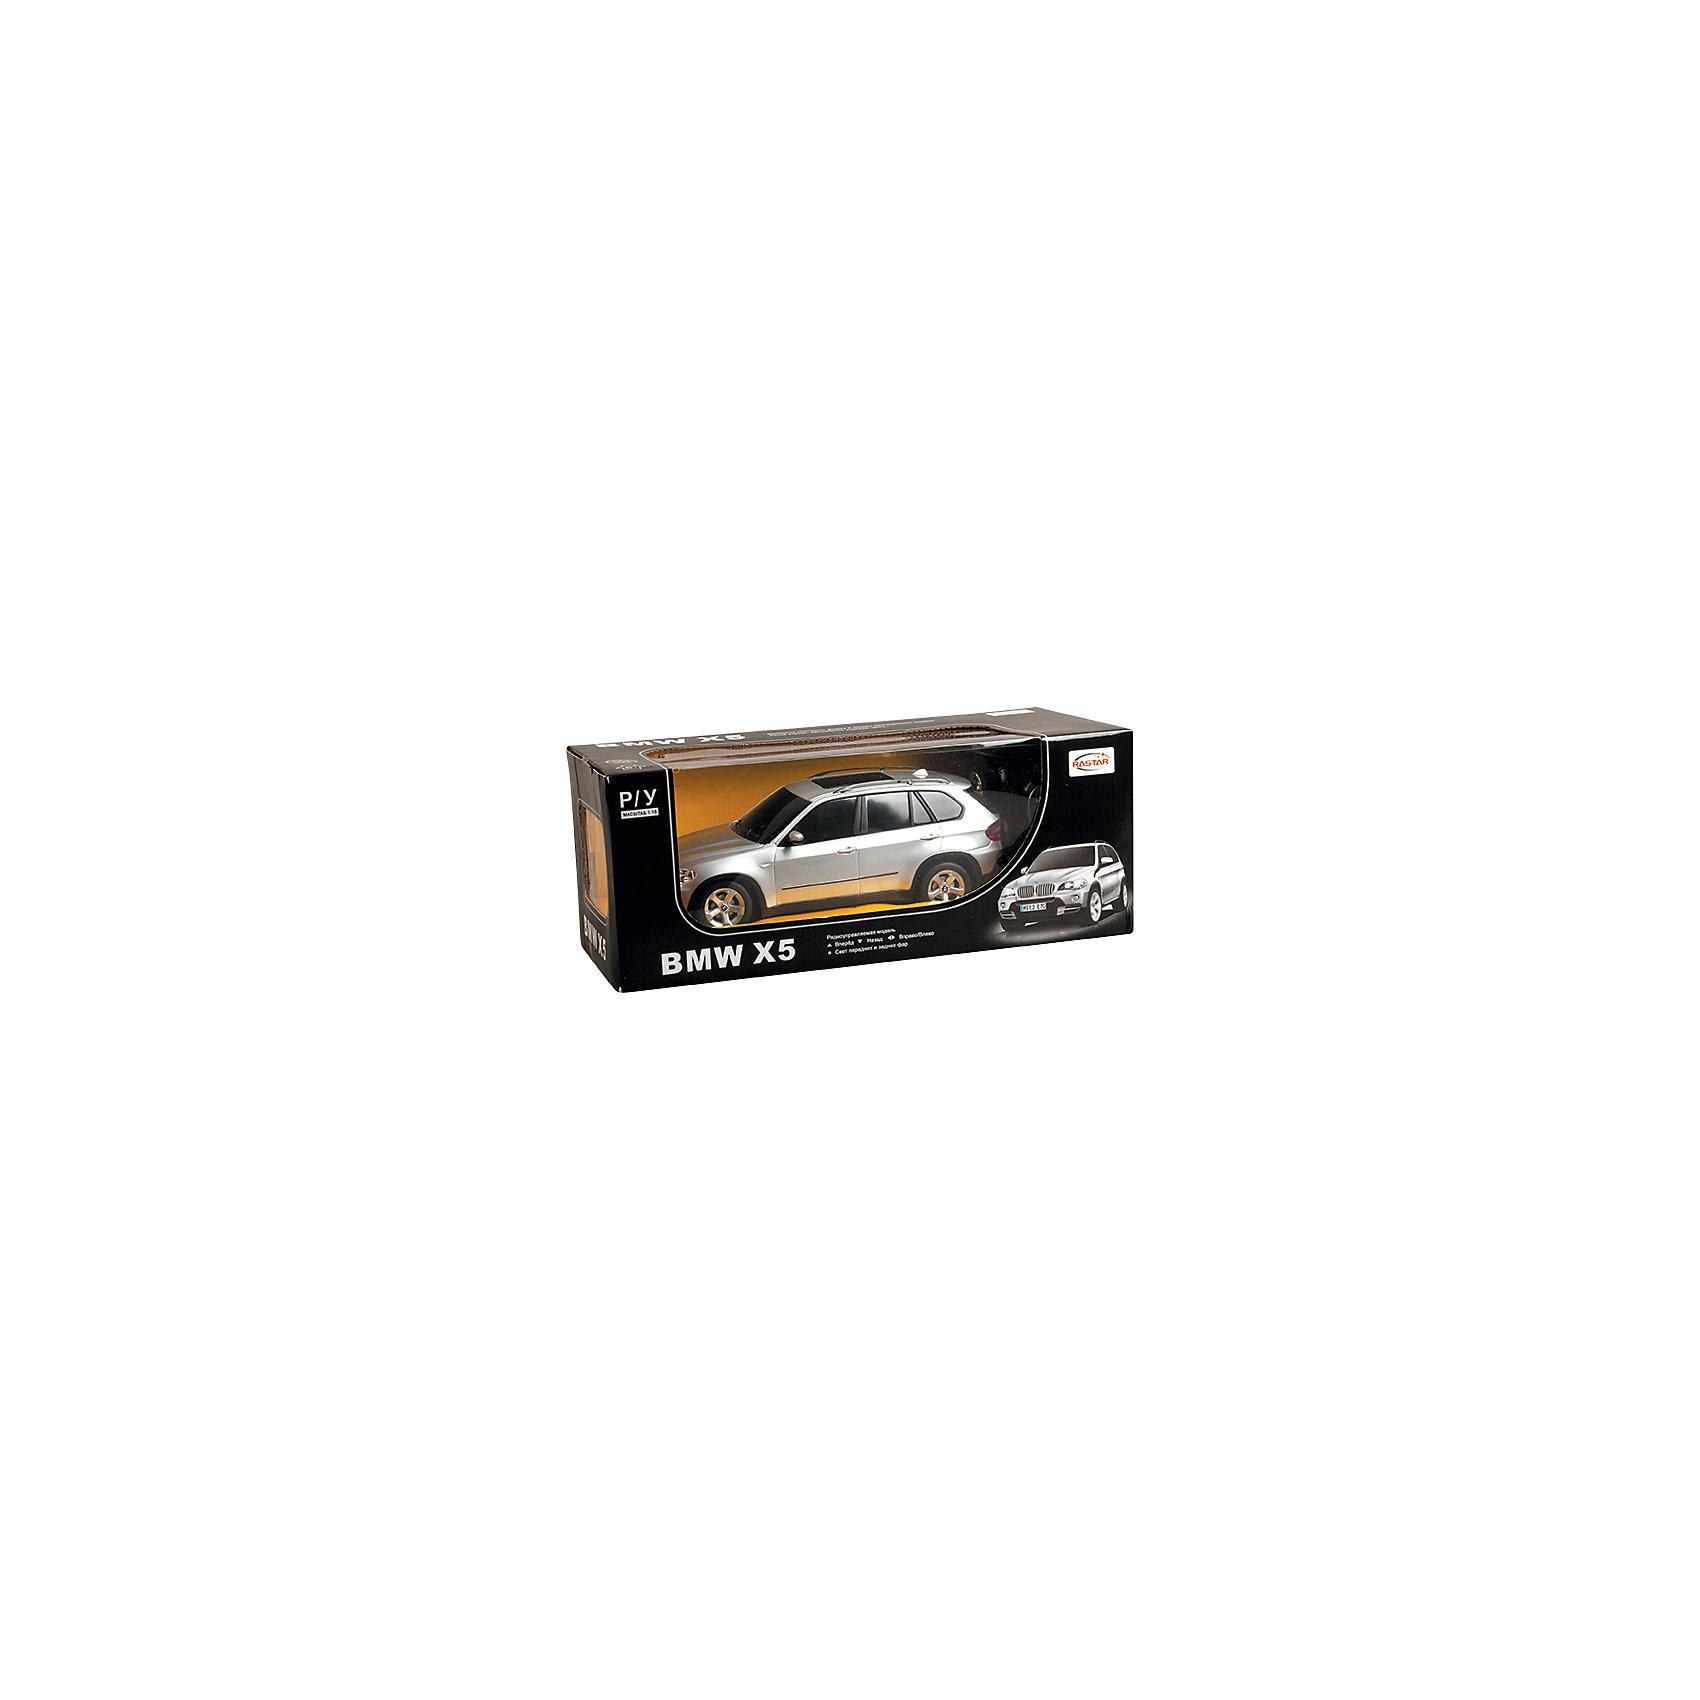 ������ BMW X5, 1:18, �� ������, �/�, RASTAR, ����������� (-)